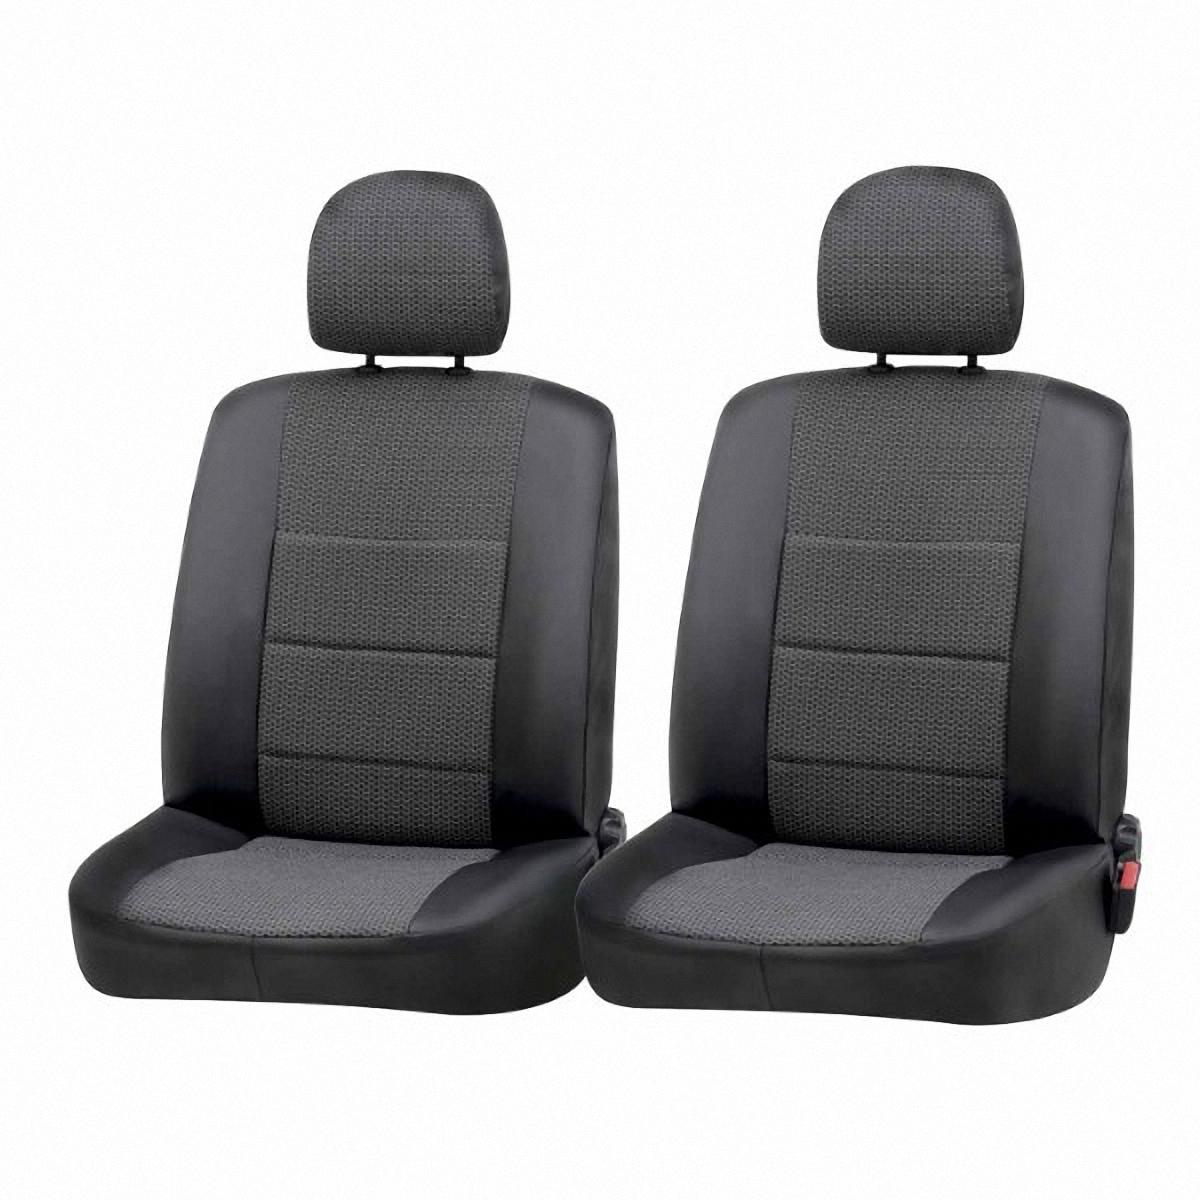 Чехол на сиденье Skyway Chevrolet Cobalt (седан). Ch2-2K чехол на сиденье skyway toyota corolla седан ty1 2k